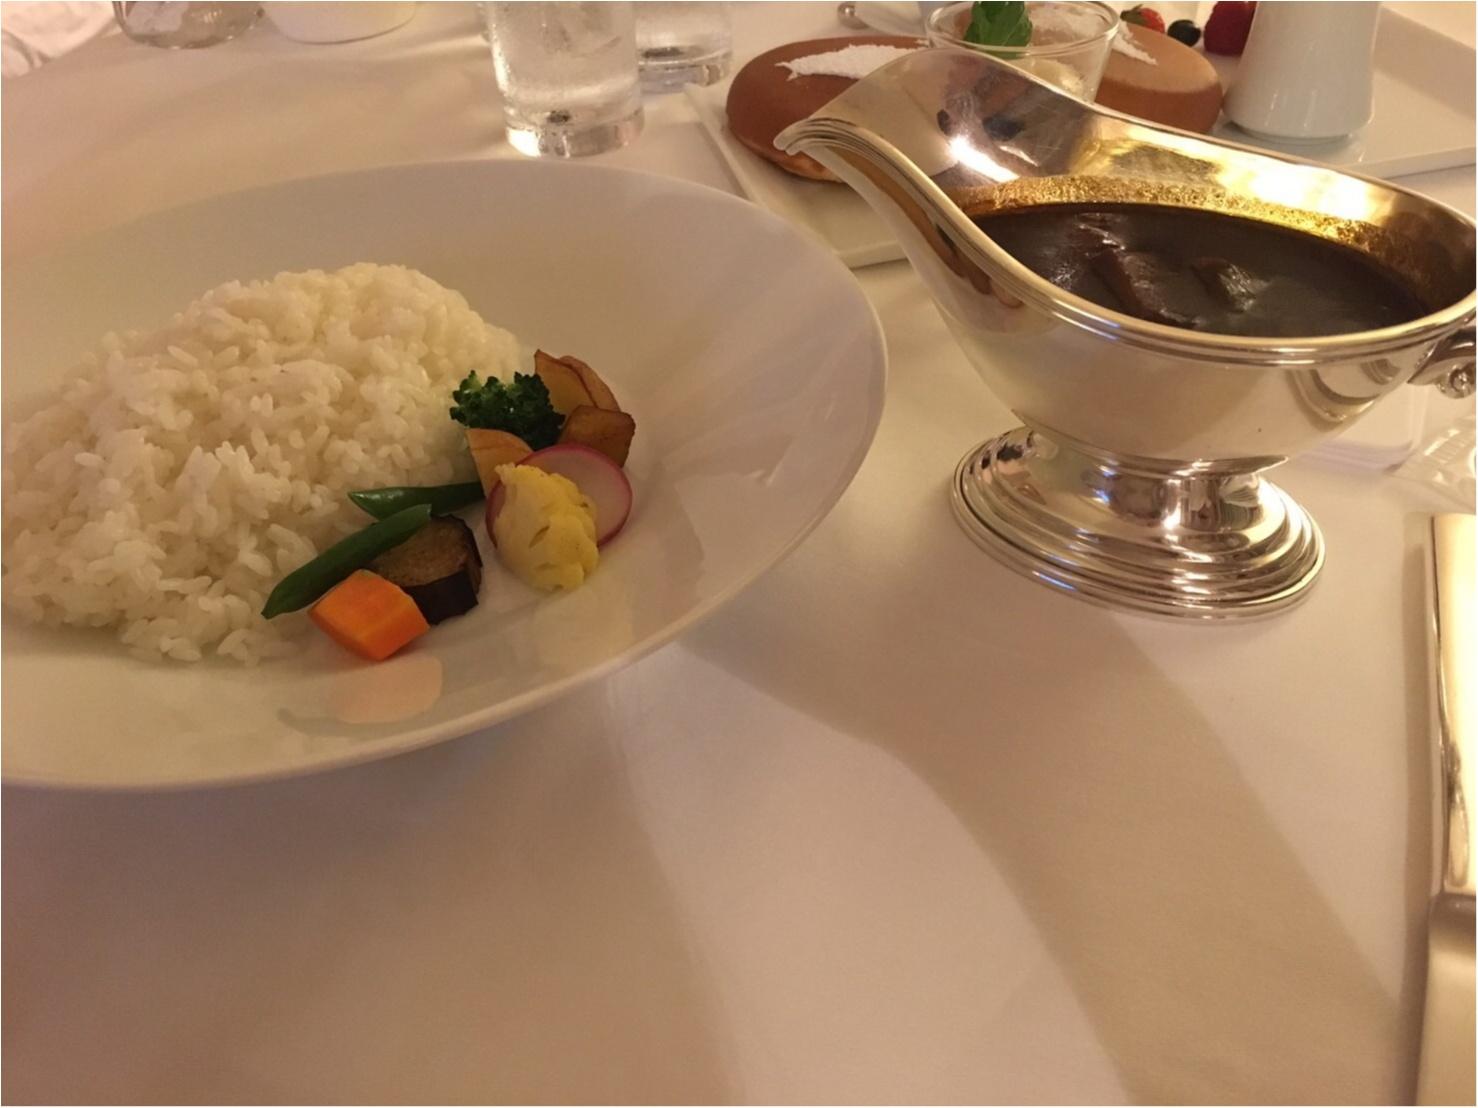 …ஐ 洞爺湖サミット開催のウィンザーホテルで【ルームサービス】を堪能してみました!! ஐ¨_2